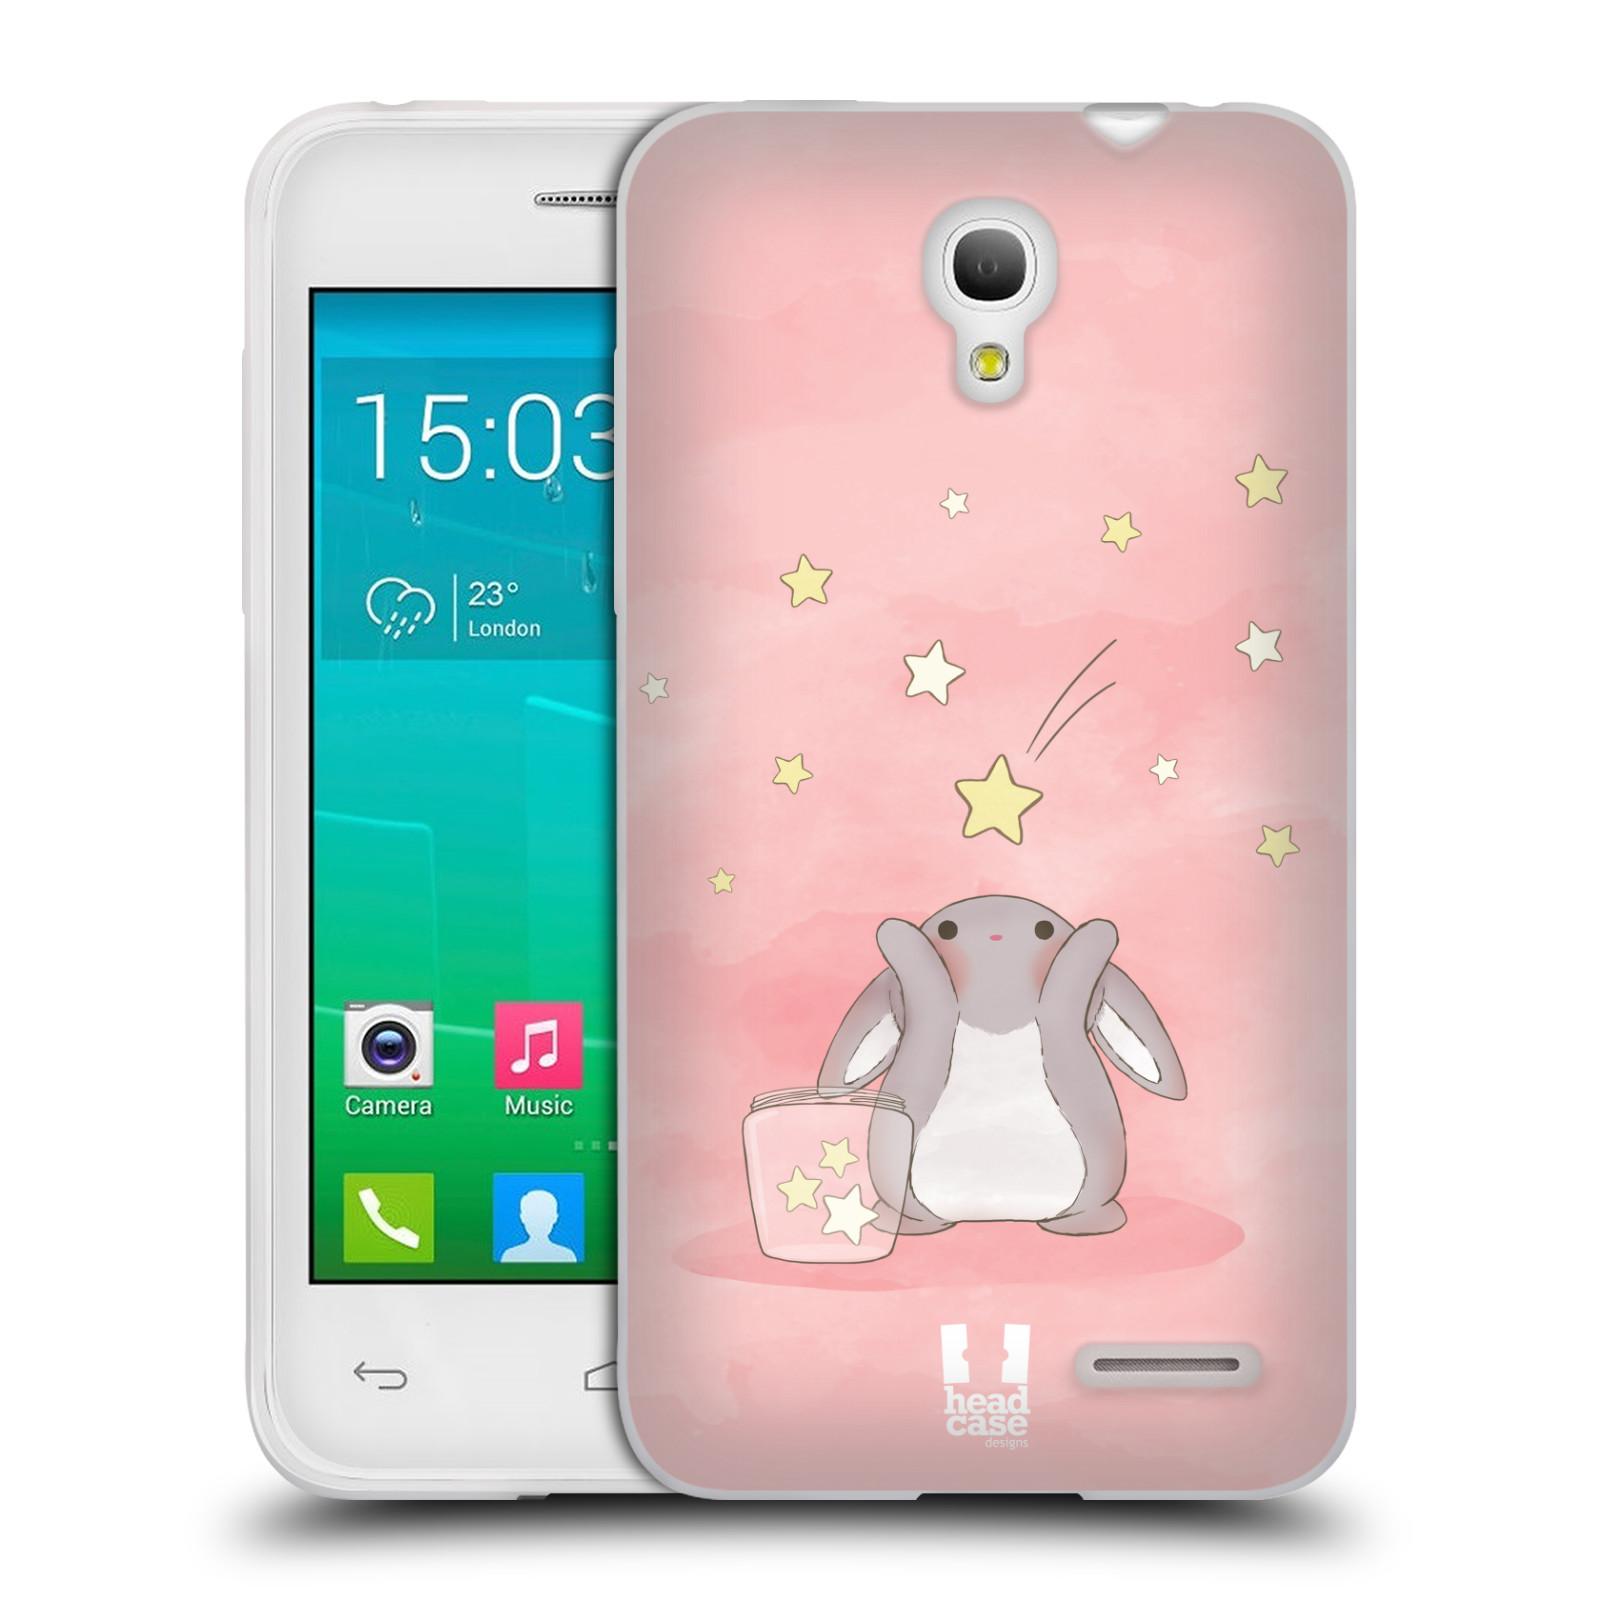 HEAD CASE silikonový obal na mobil Alcatel POP S3 OT-5050Y vzor králíček a hvězdy růžová